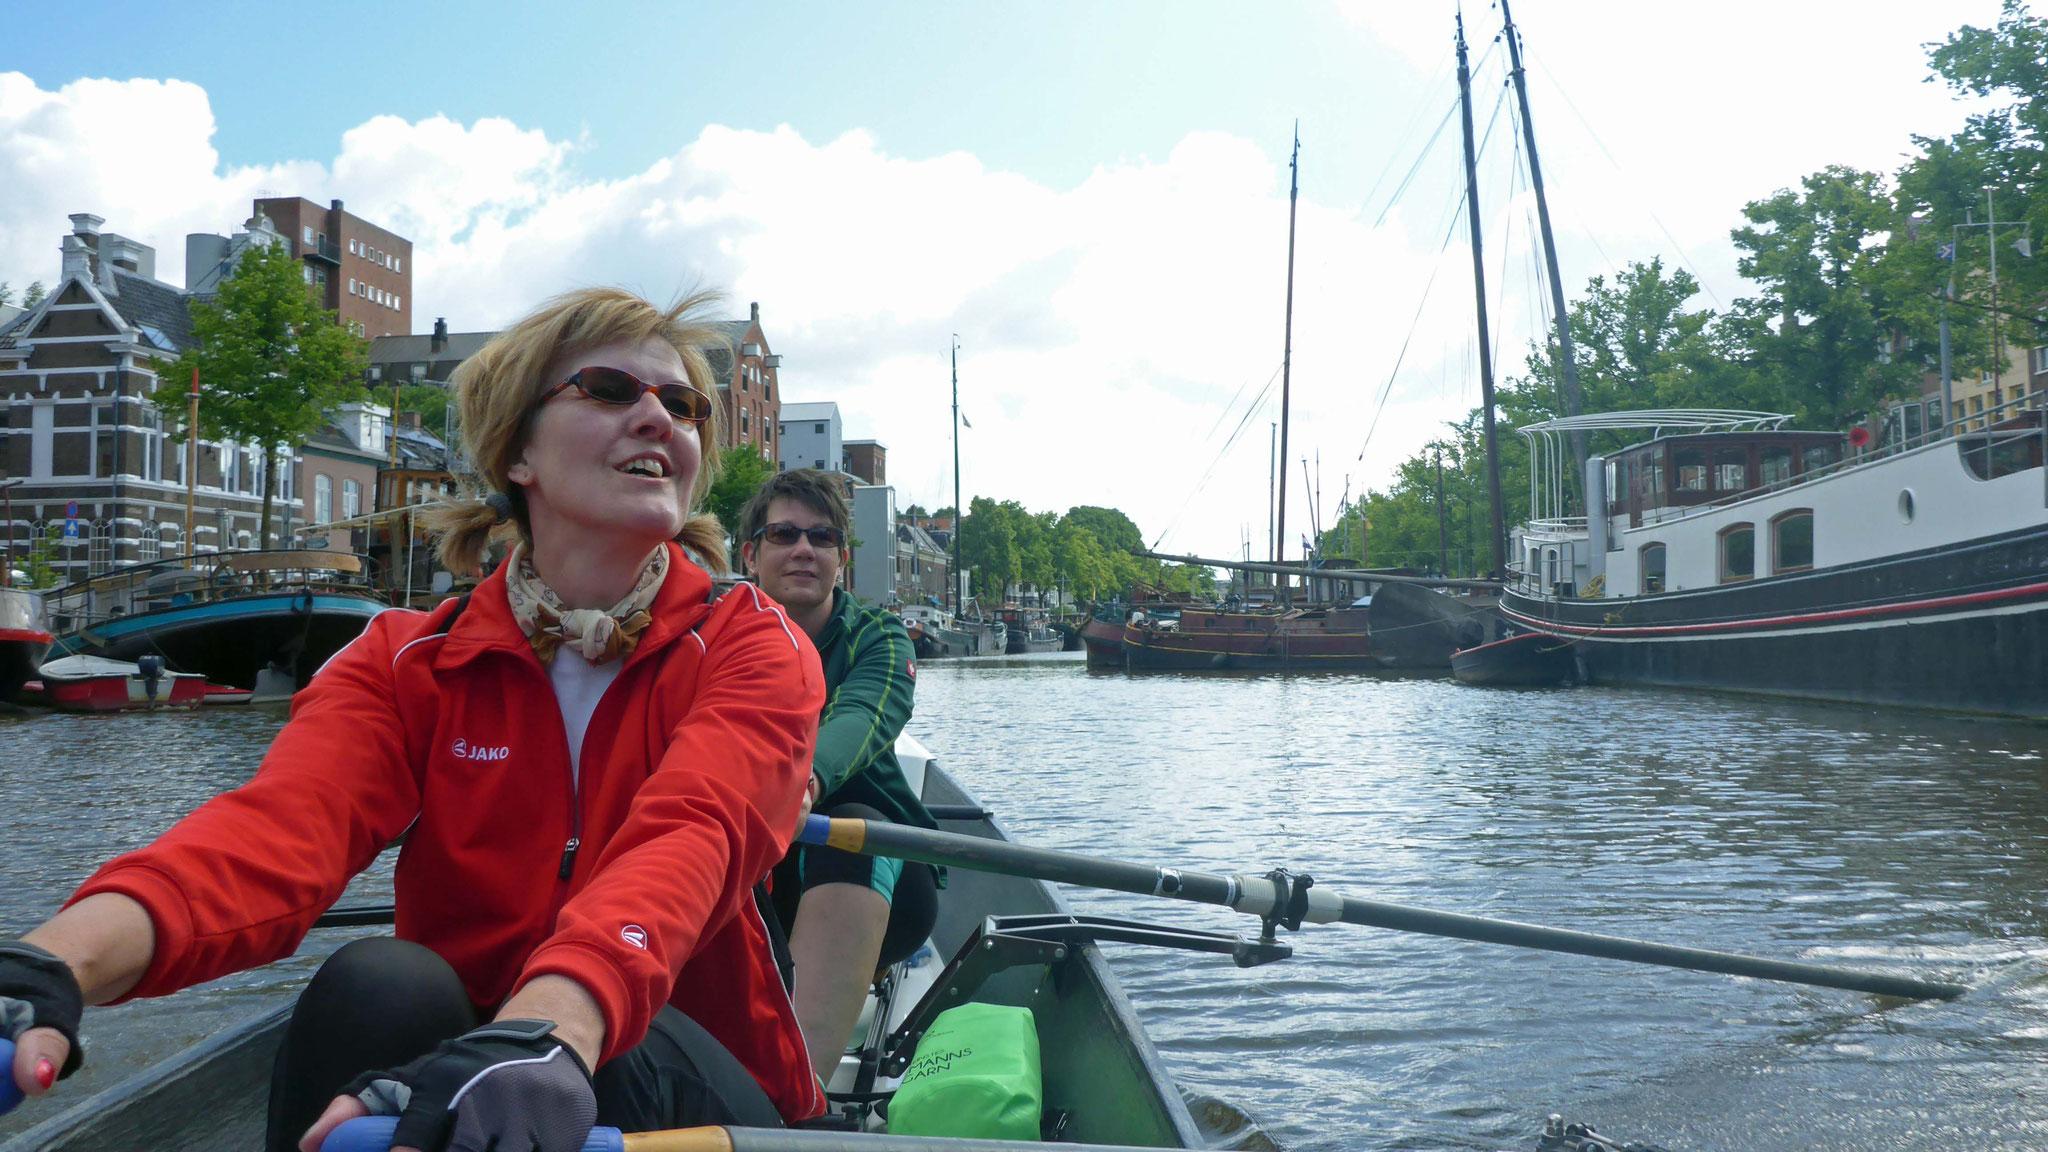 Rund um Groningen mit